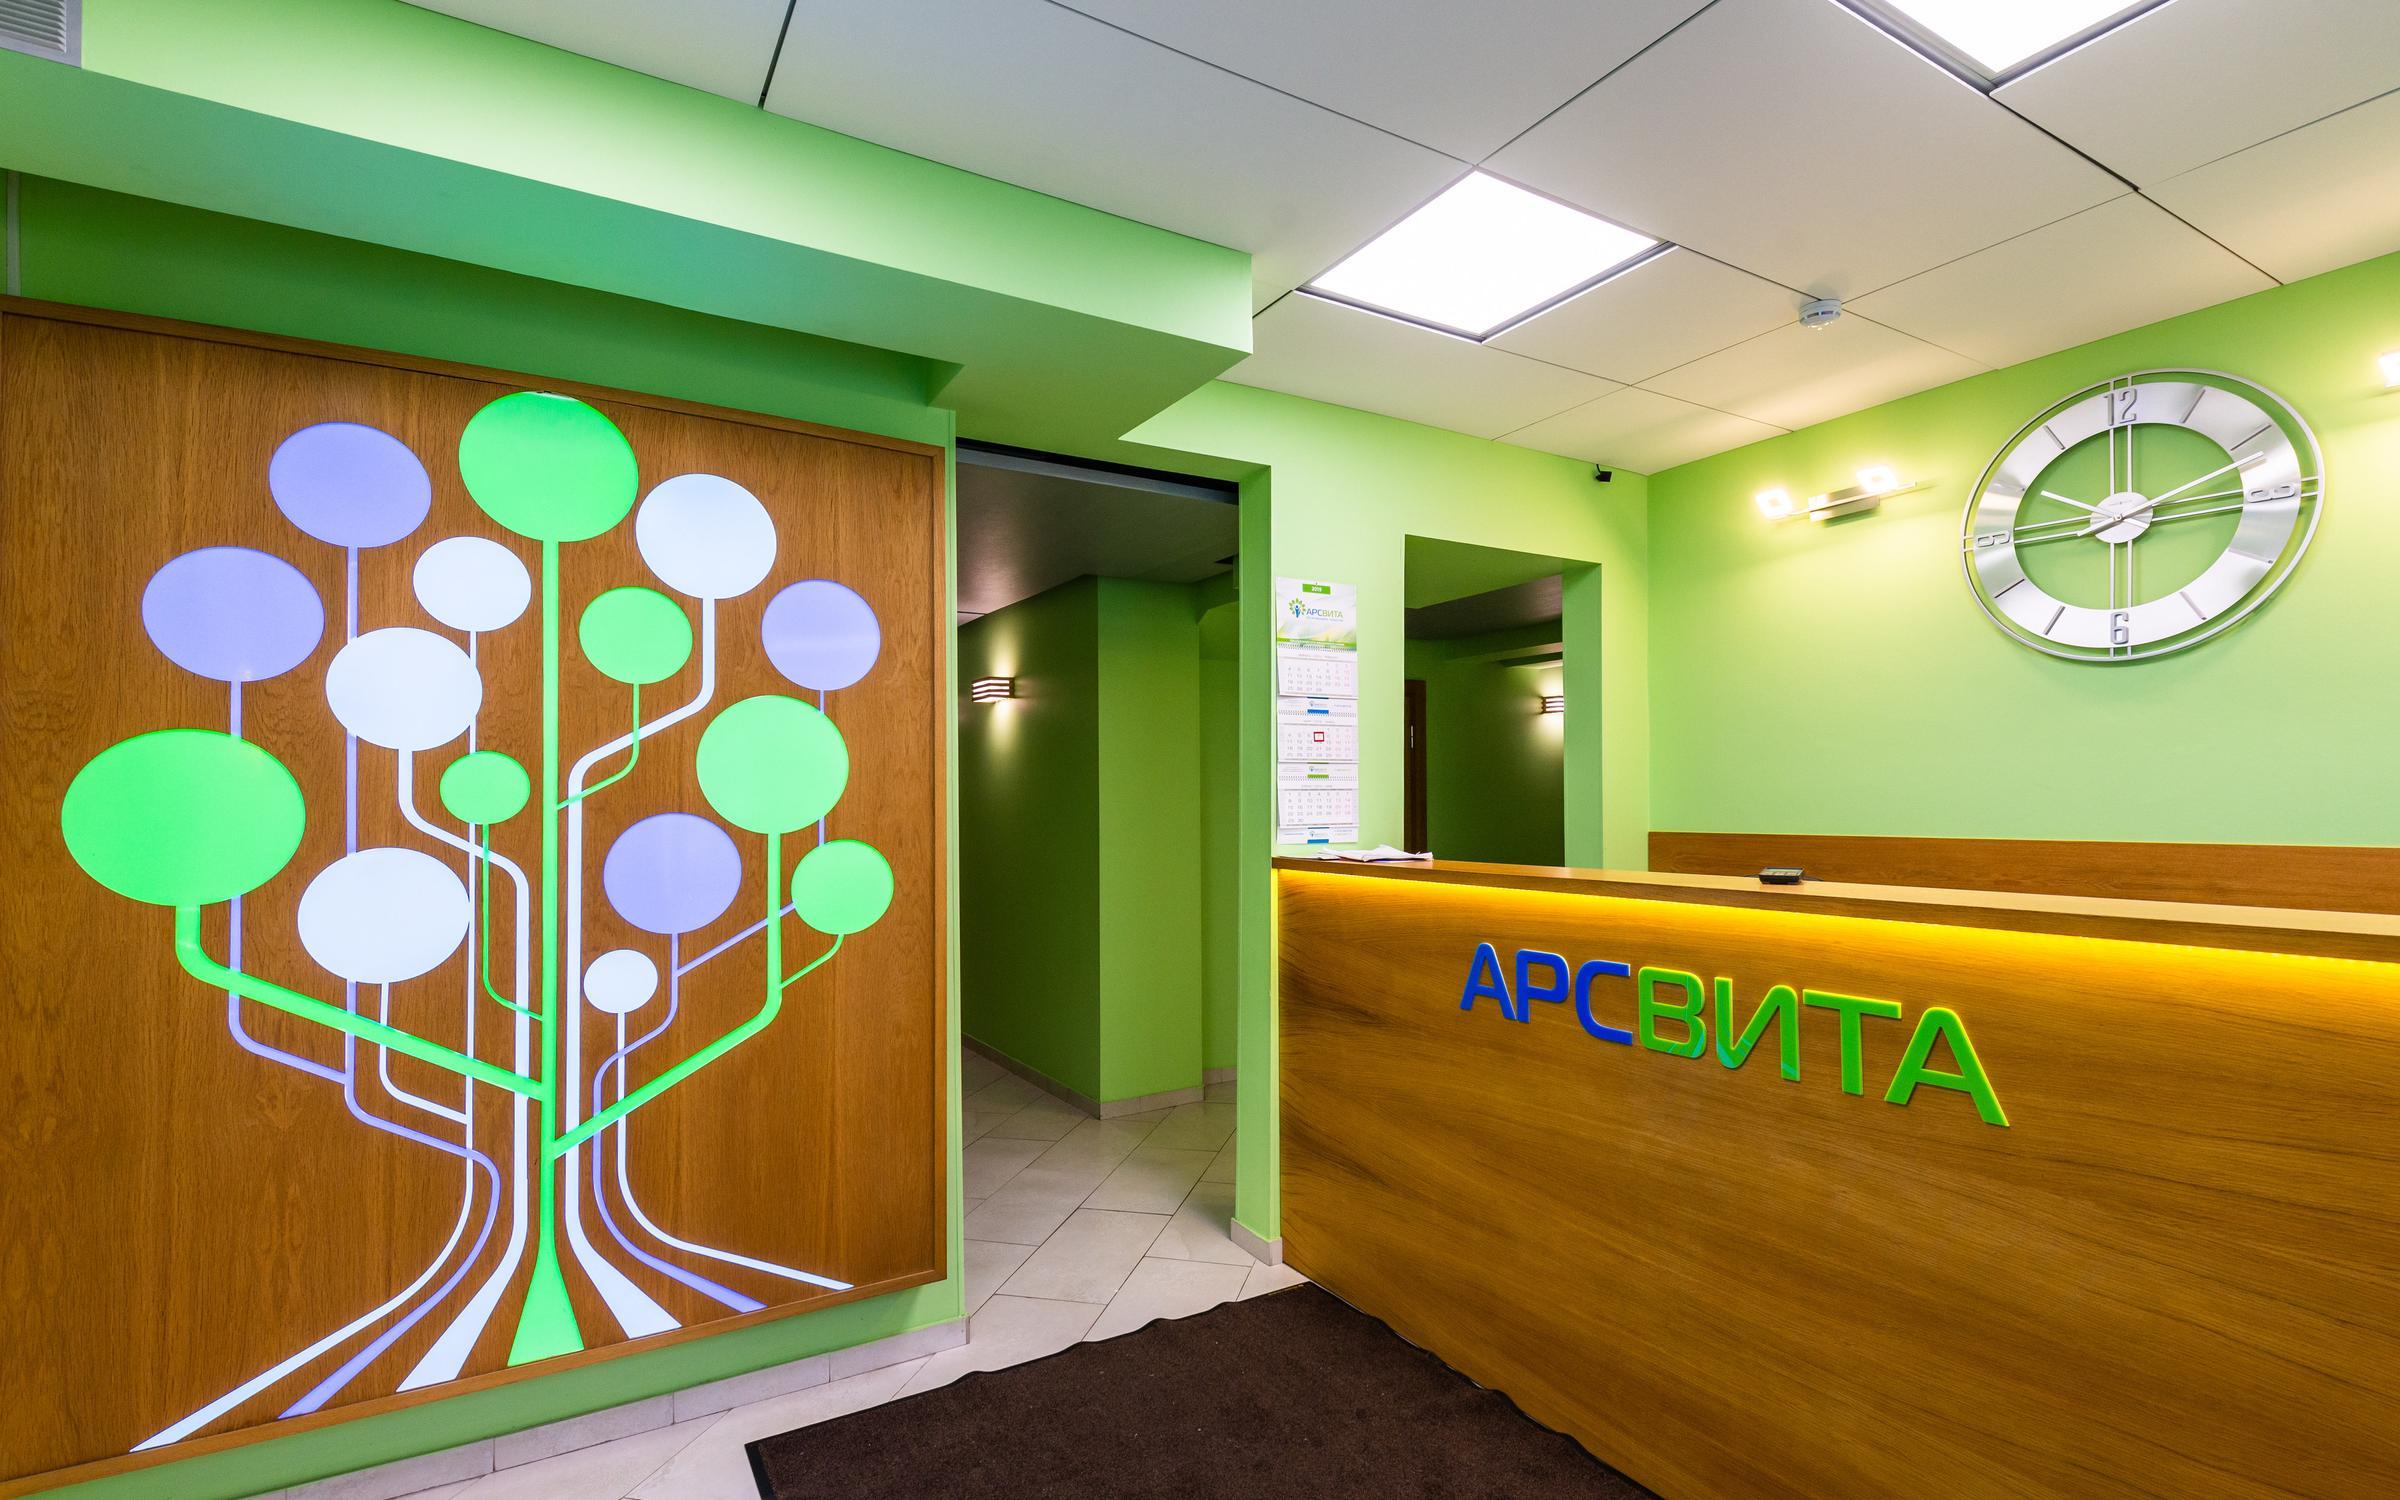 фотография Многопрофильного медицинского центра АрсВита на метро Московская